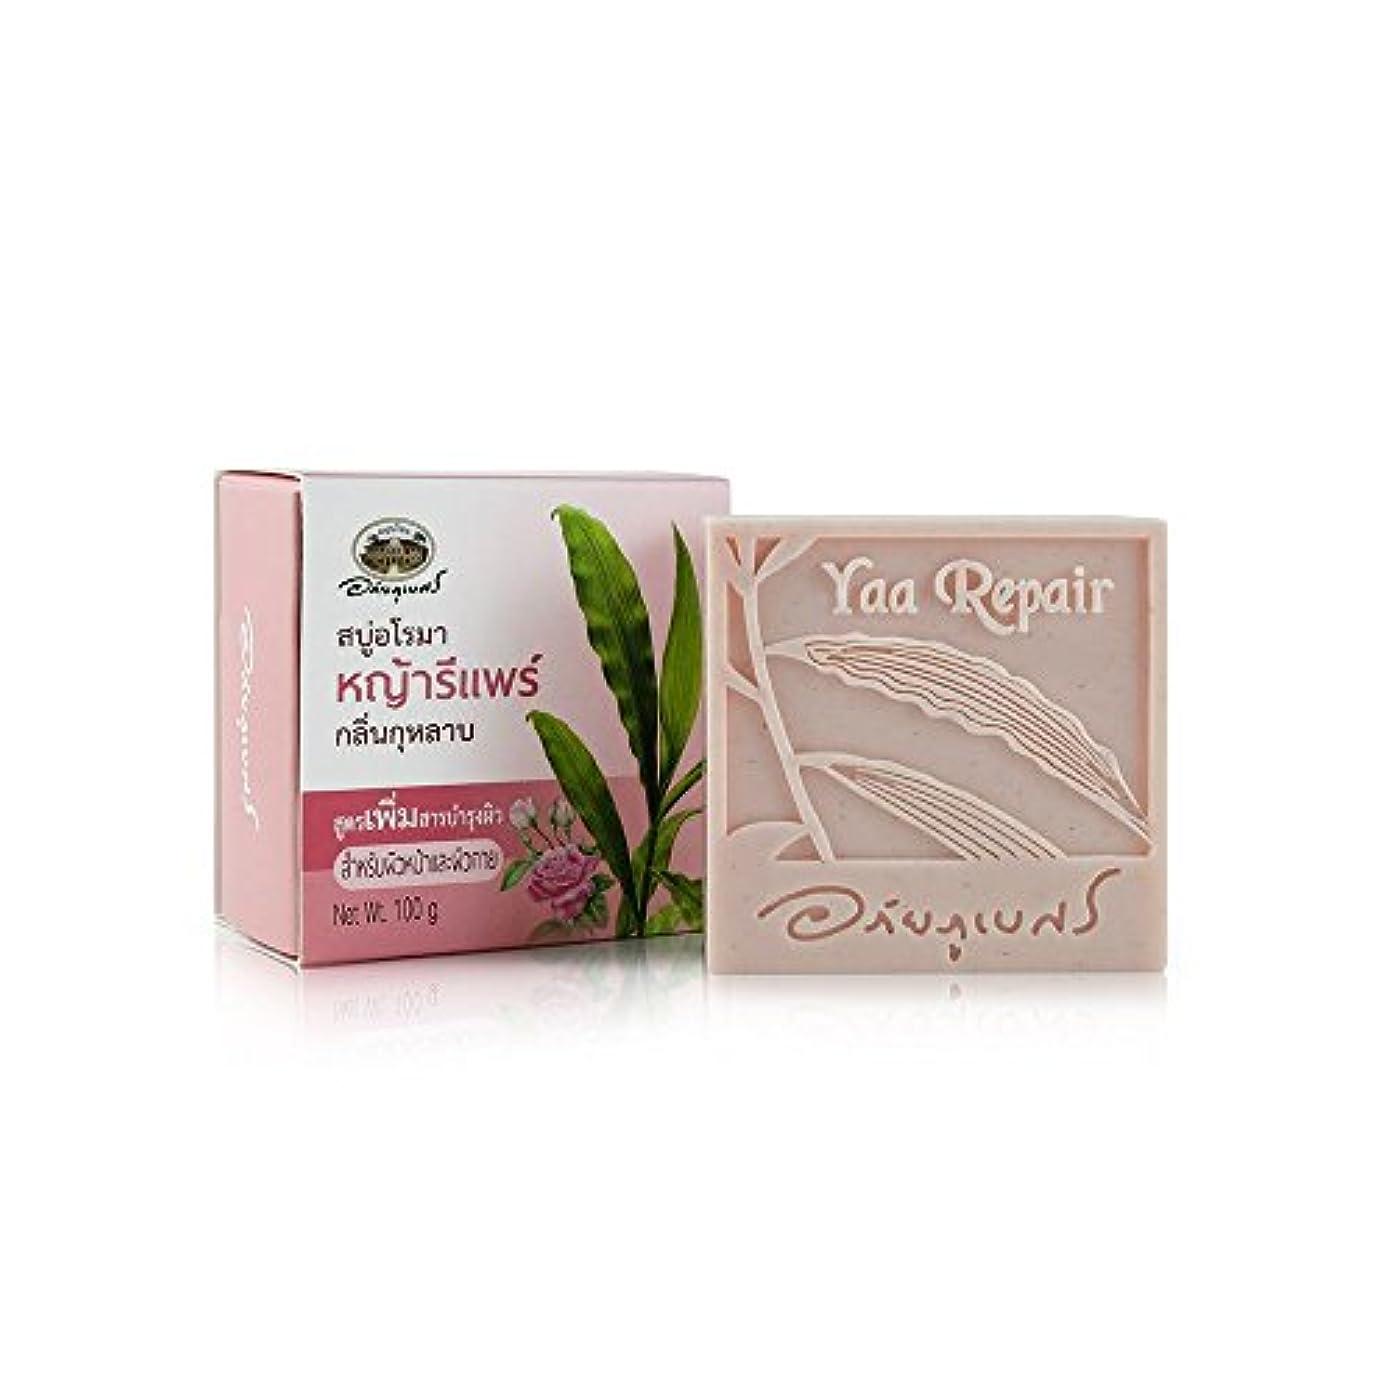 脚本家維持動作Abhaibhubejhr Thai Aromatherapy With Rose Skin Care Formula Herbal Body Face Cleaning Soap 100g. Abhaibhubejhr...